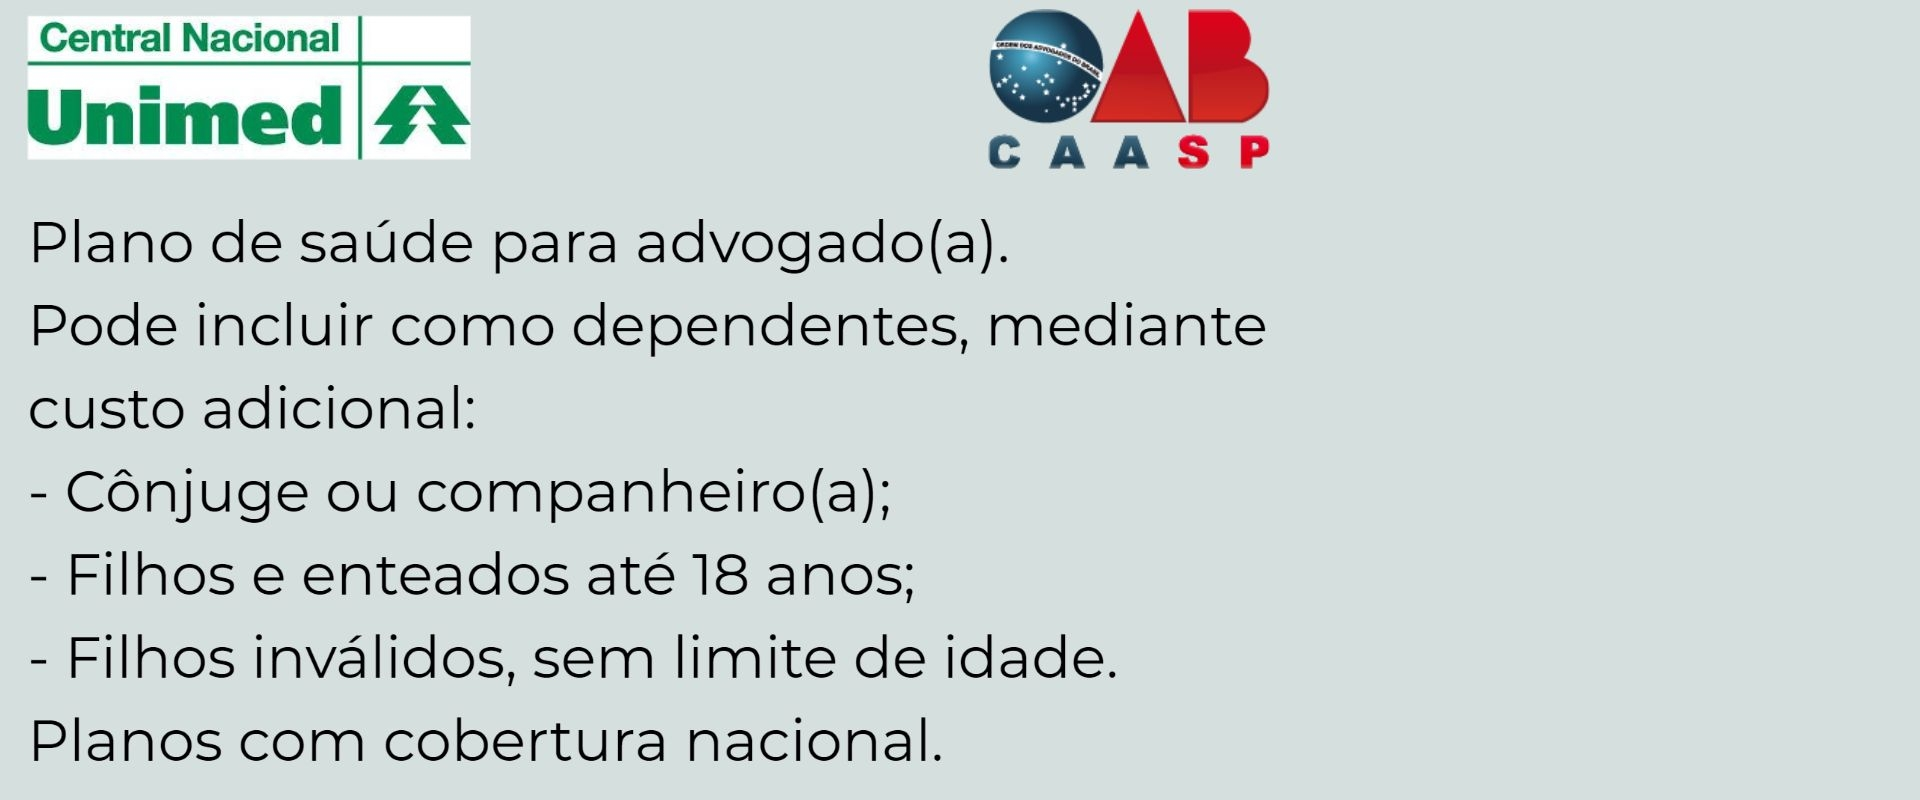 Unimed CAASP São José do Rio Preto